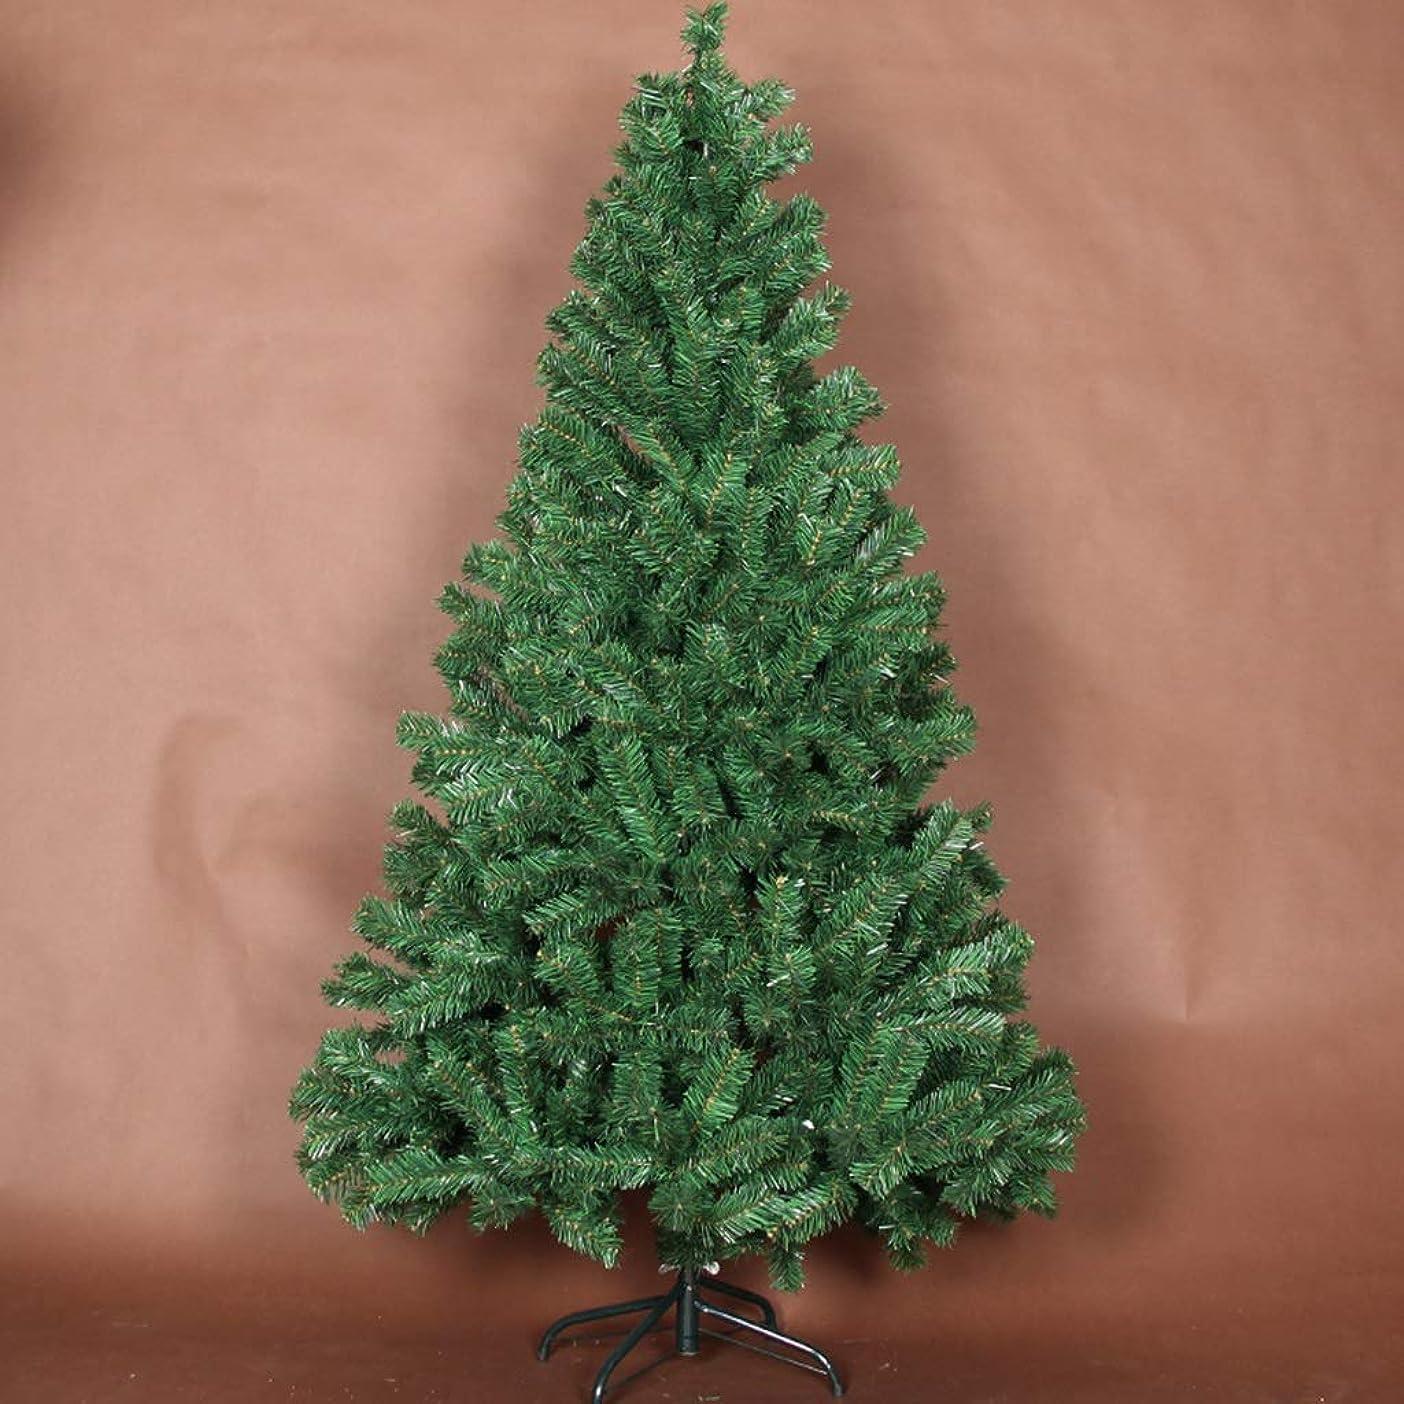 寄付するパスタ依存するBBJOZ クリスマス暗号化緑のクリスマスツリー2.1メートルの休日のシーンの装飾装飾小道具